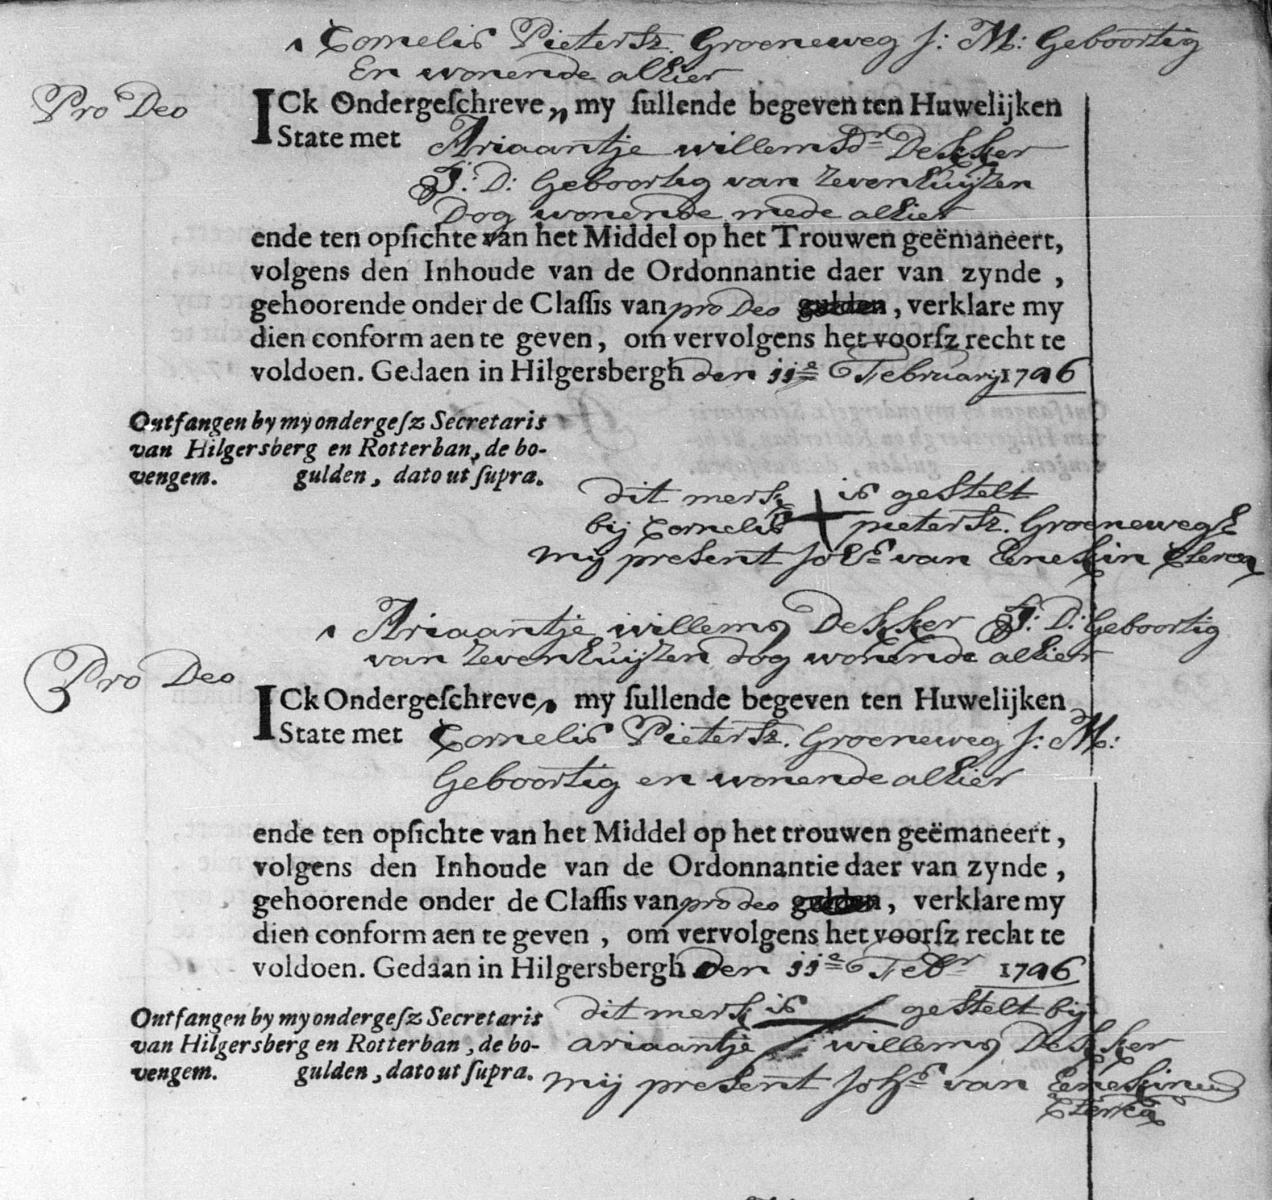 Groeneweg-Cornelis-Pietersz-en-Dekker-Ariaantje-Willems-Huwelijk-27-02-1746-Hillegersberg-